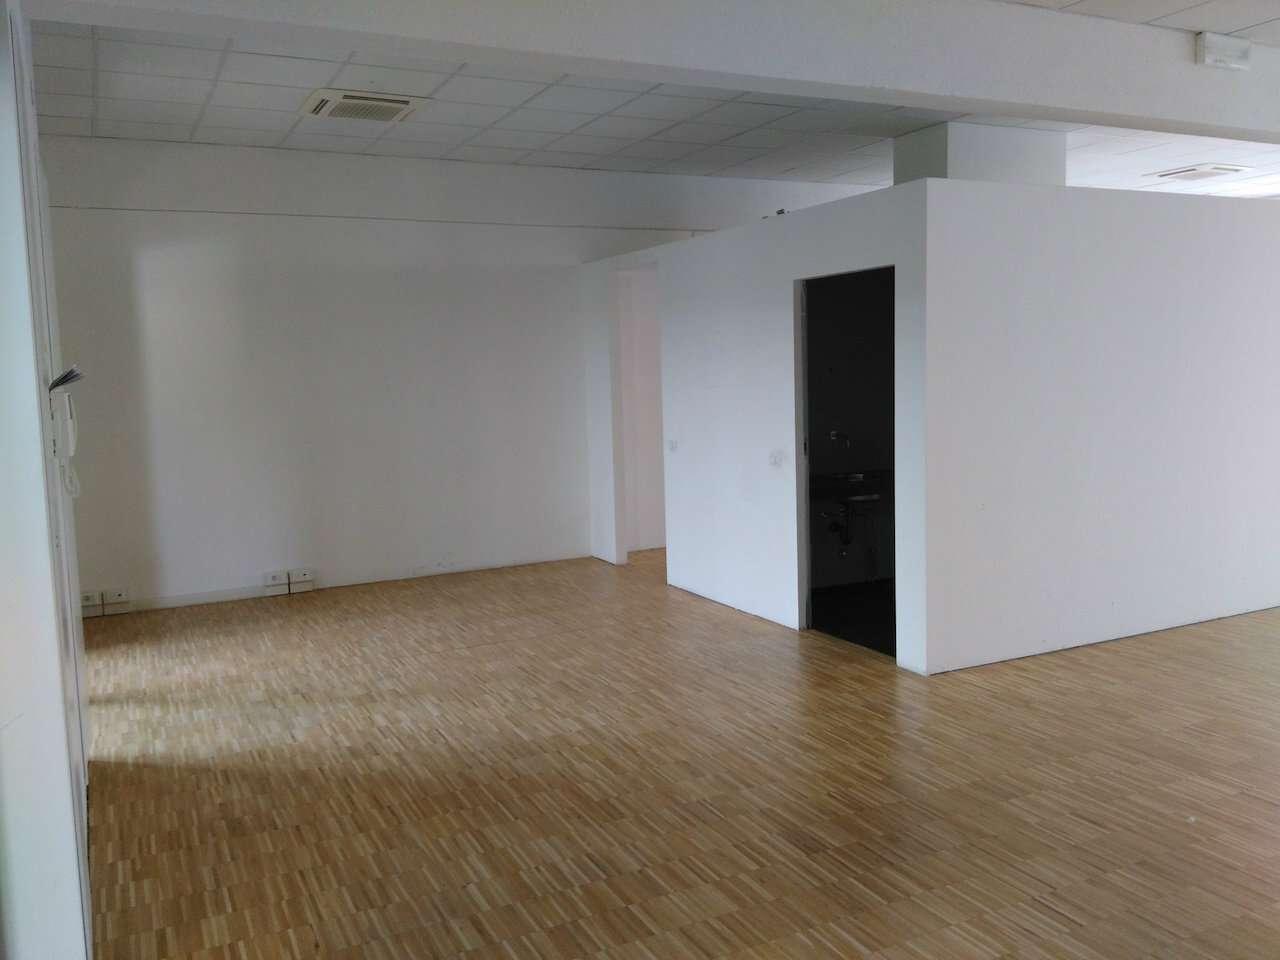 Ufficio-studio in Affitto a Milano 15 Castelbarco / Argelati / Navigli: 5 locali, 220 mq